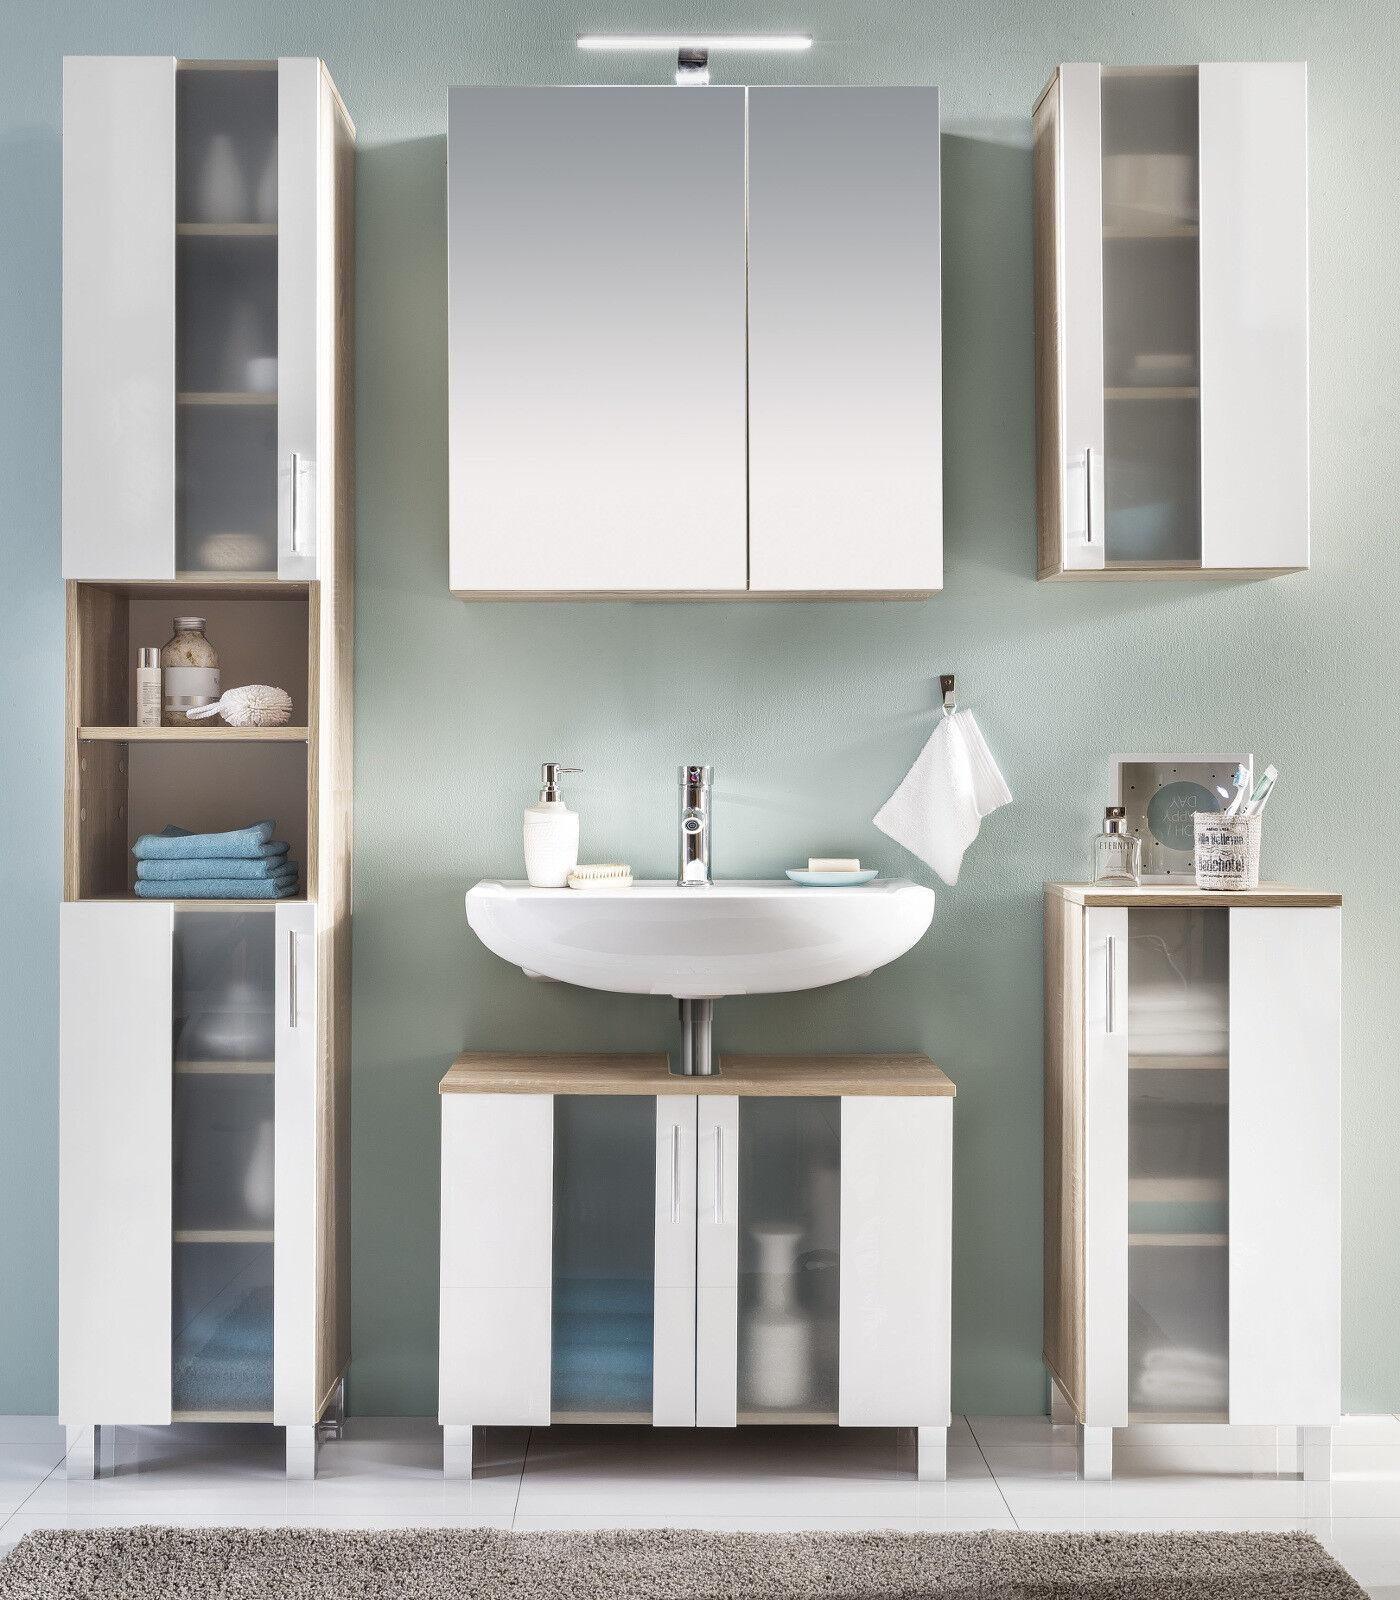 bad hochschrank badschrank in wei eiche badezimmer schrank chrom 190 cm porto eur 112 99. Black Bedroom Furniture Sets. Home Design Ideas